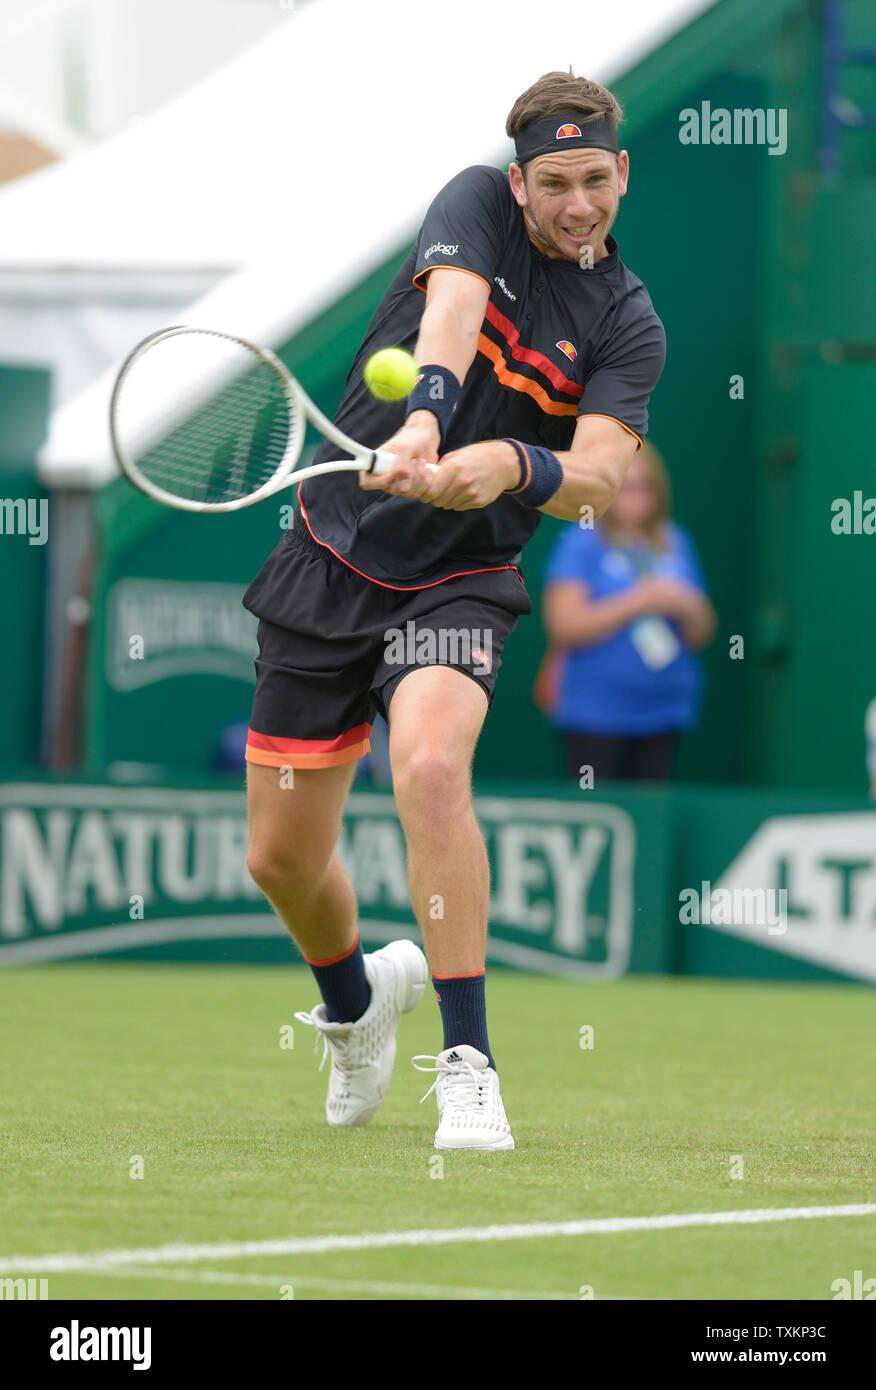 Cameron Norrie (GBR) a Eastbourne, Regno Unito. Il 25 giugno, 2019. Natura Valle internazionali di tennis in Devonshire Park. Foto Stock